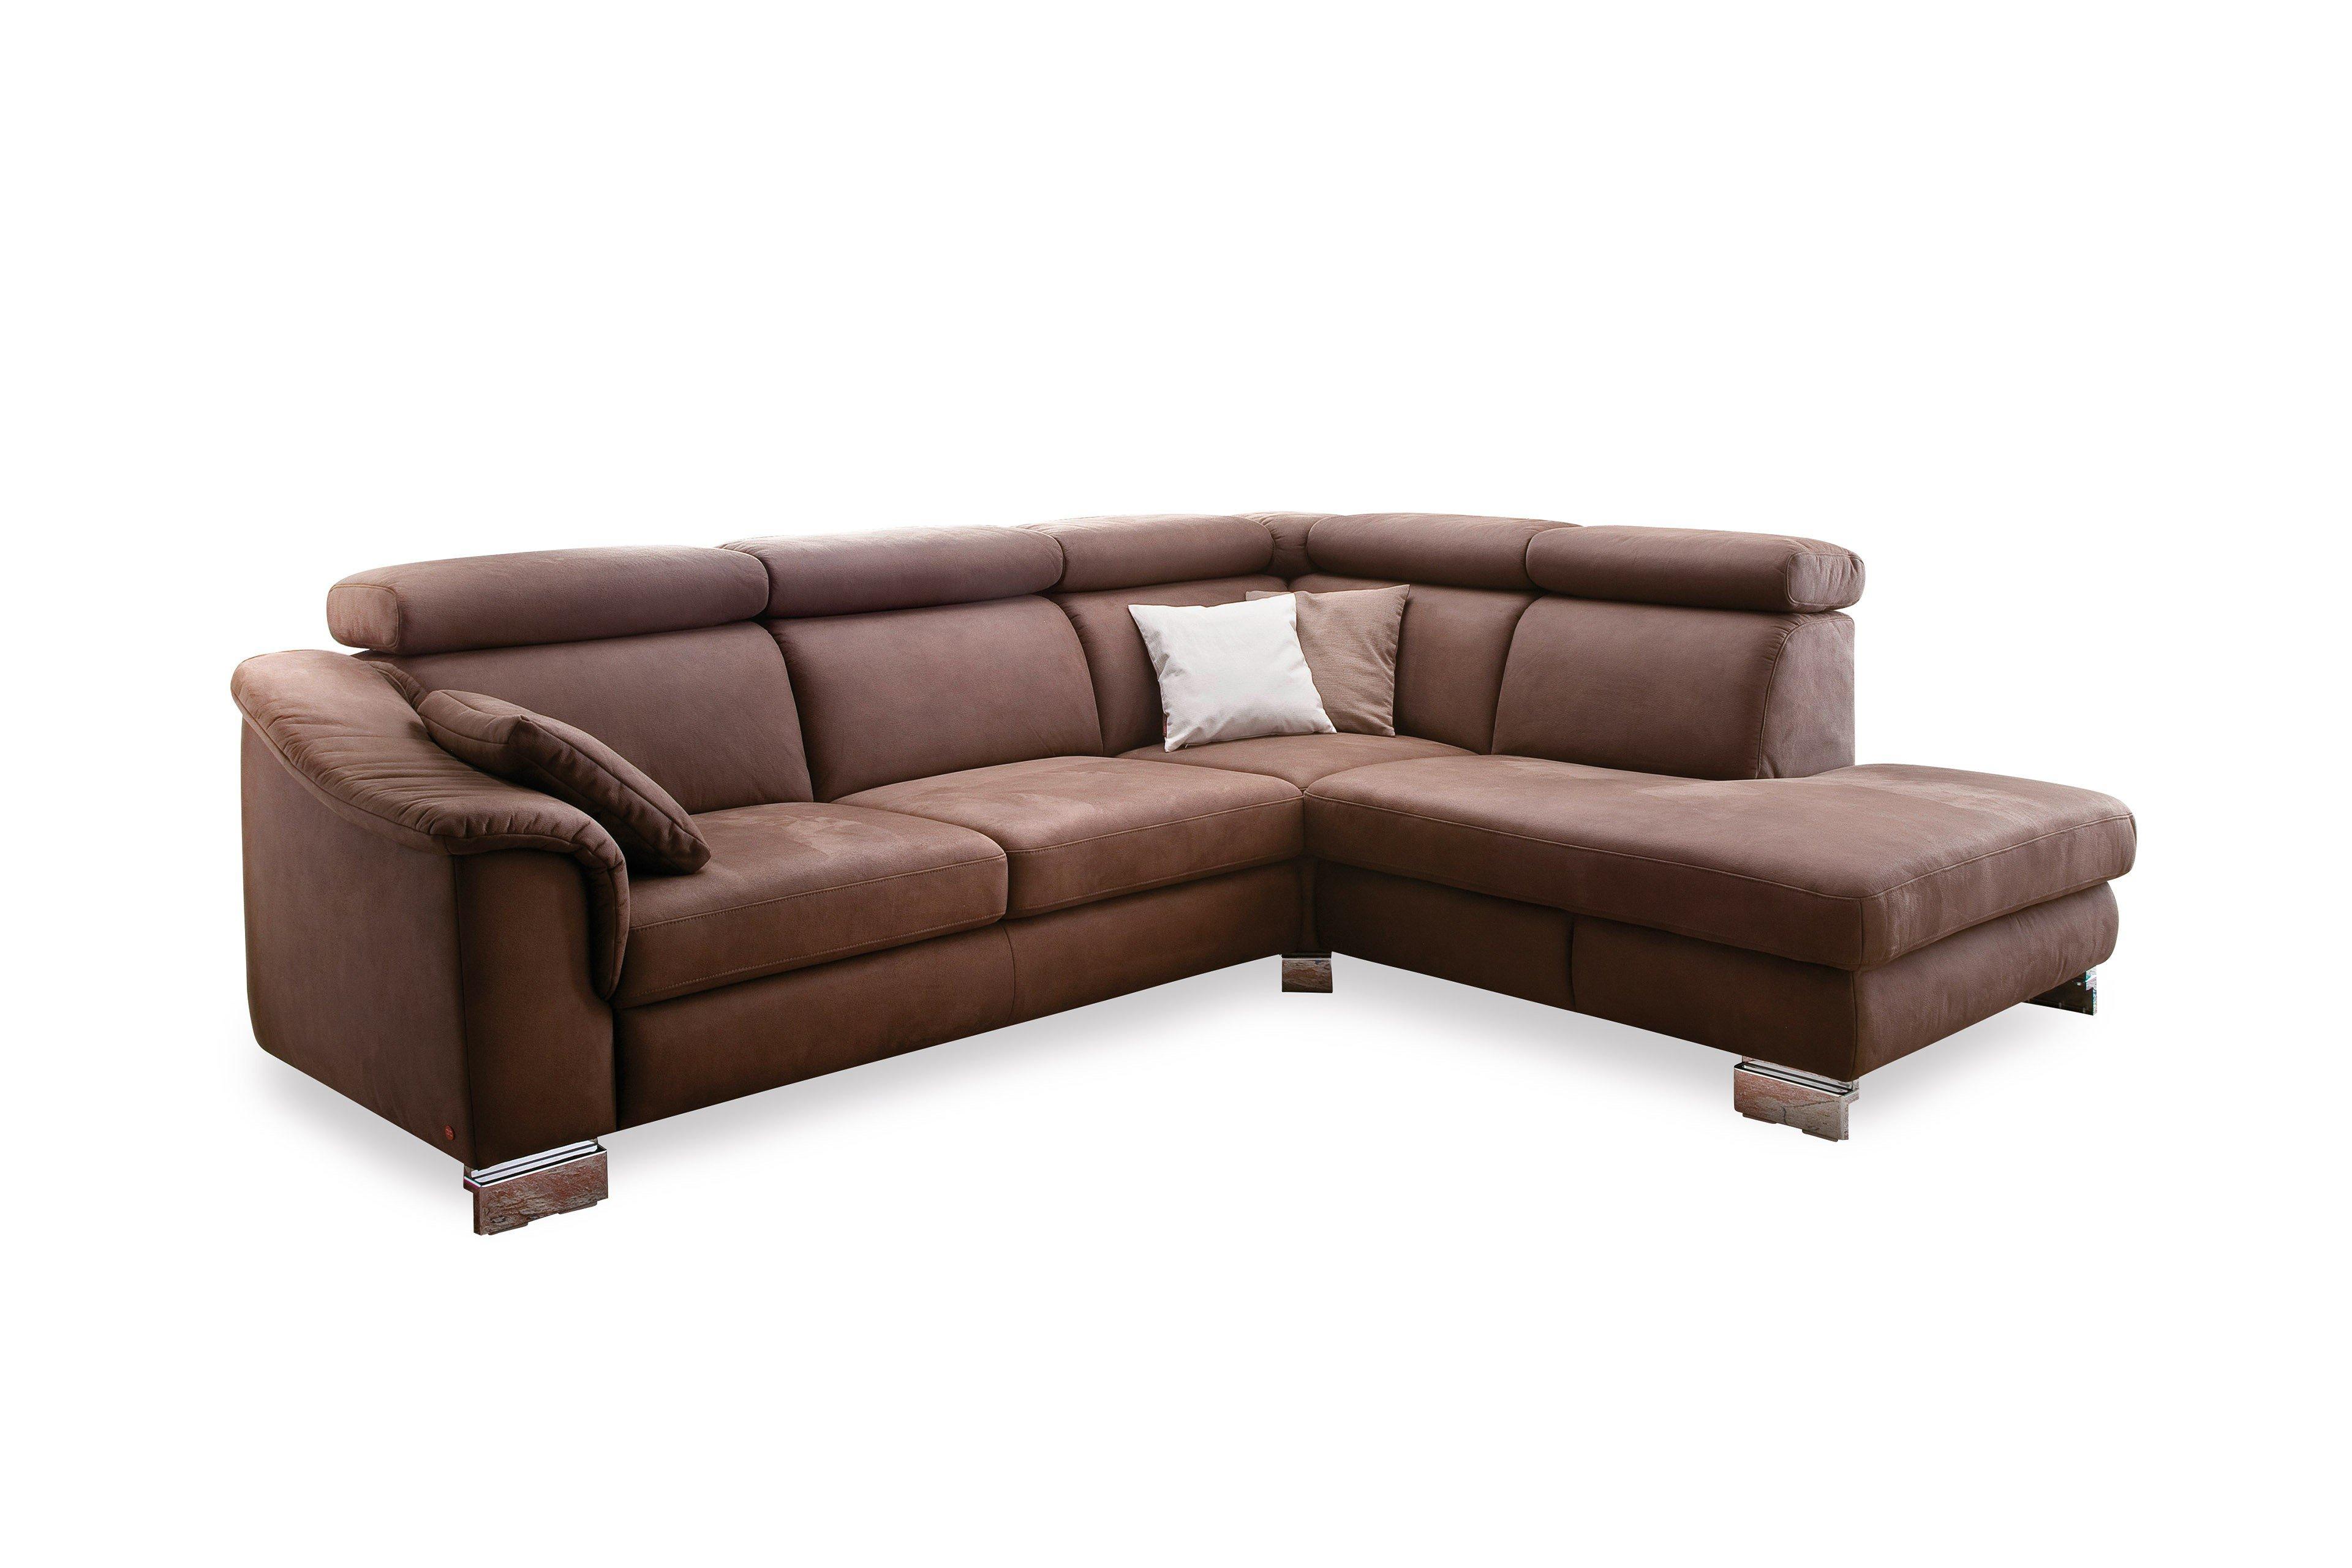 carina polsterm bel circo eckgarnitur braun m bel letz ihr online shop. Black Bedroom Furniture Sets. Home Design Ideas